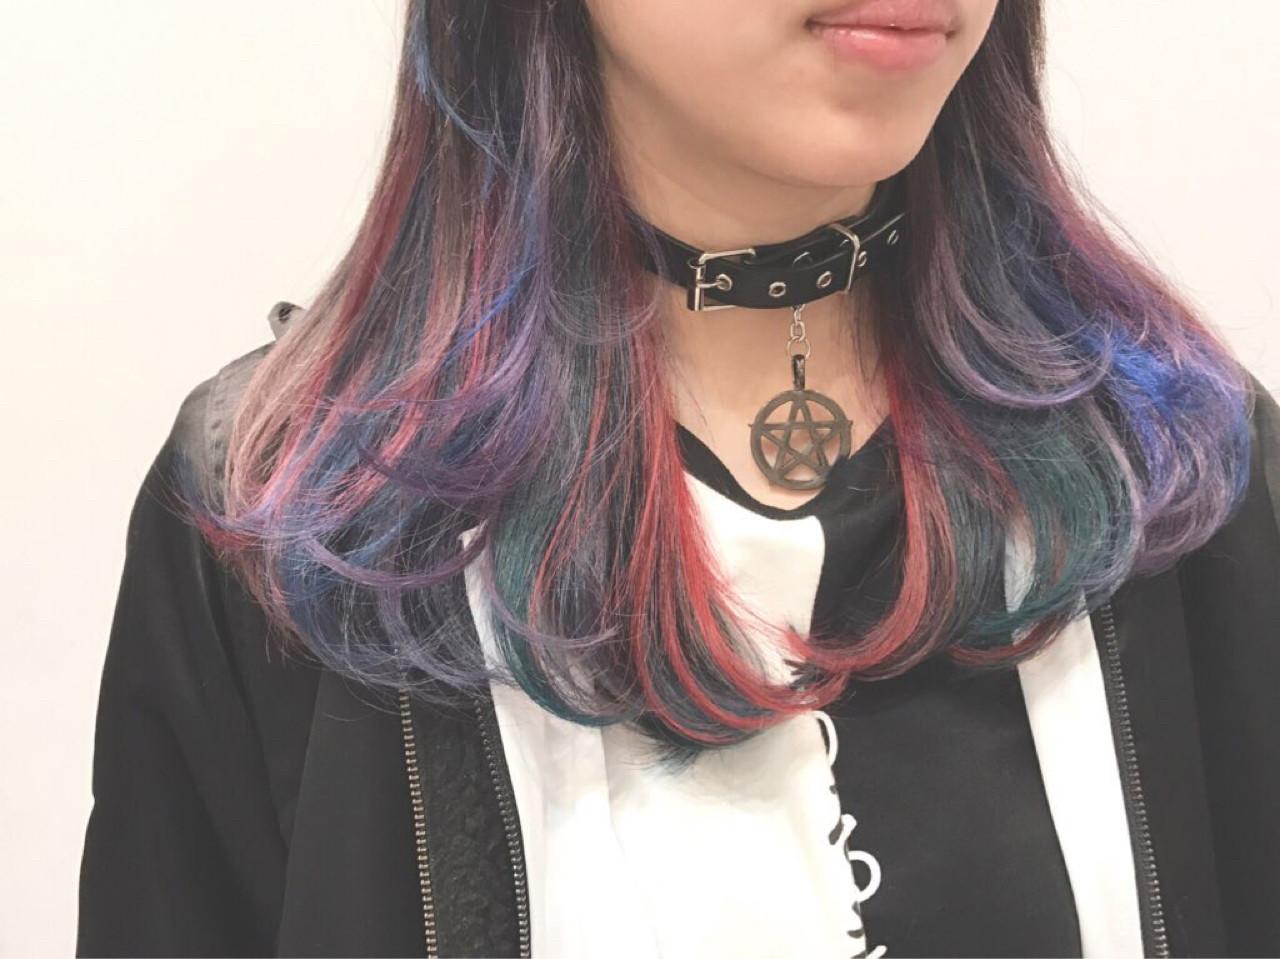 ダブルカラー ストリート インナーカラー グラデーションカラー ヘアスタイルや髪型の写真・画像   Daichi shimazu / hairsalon M 新宿